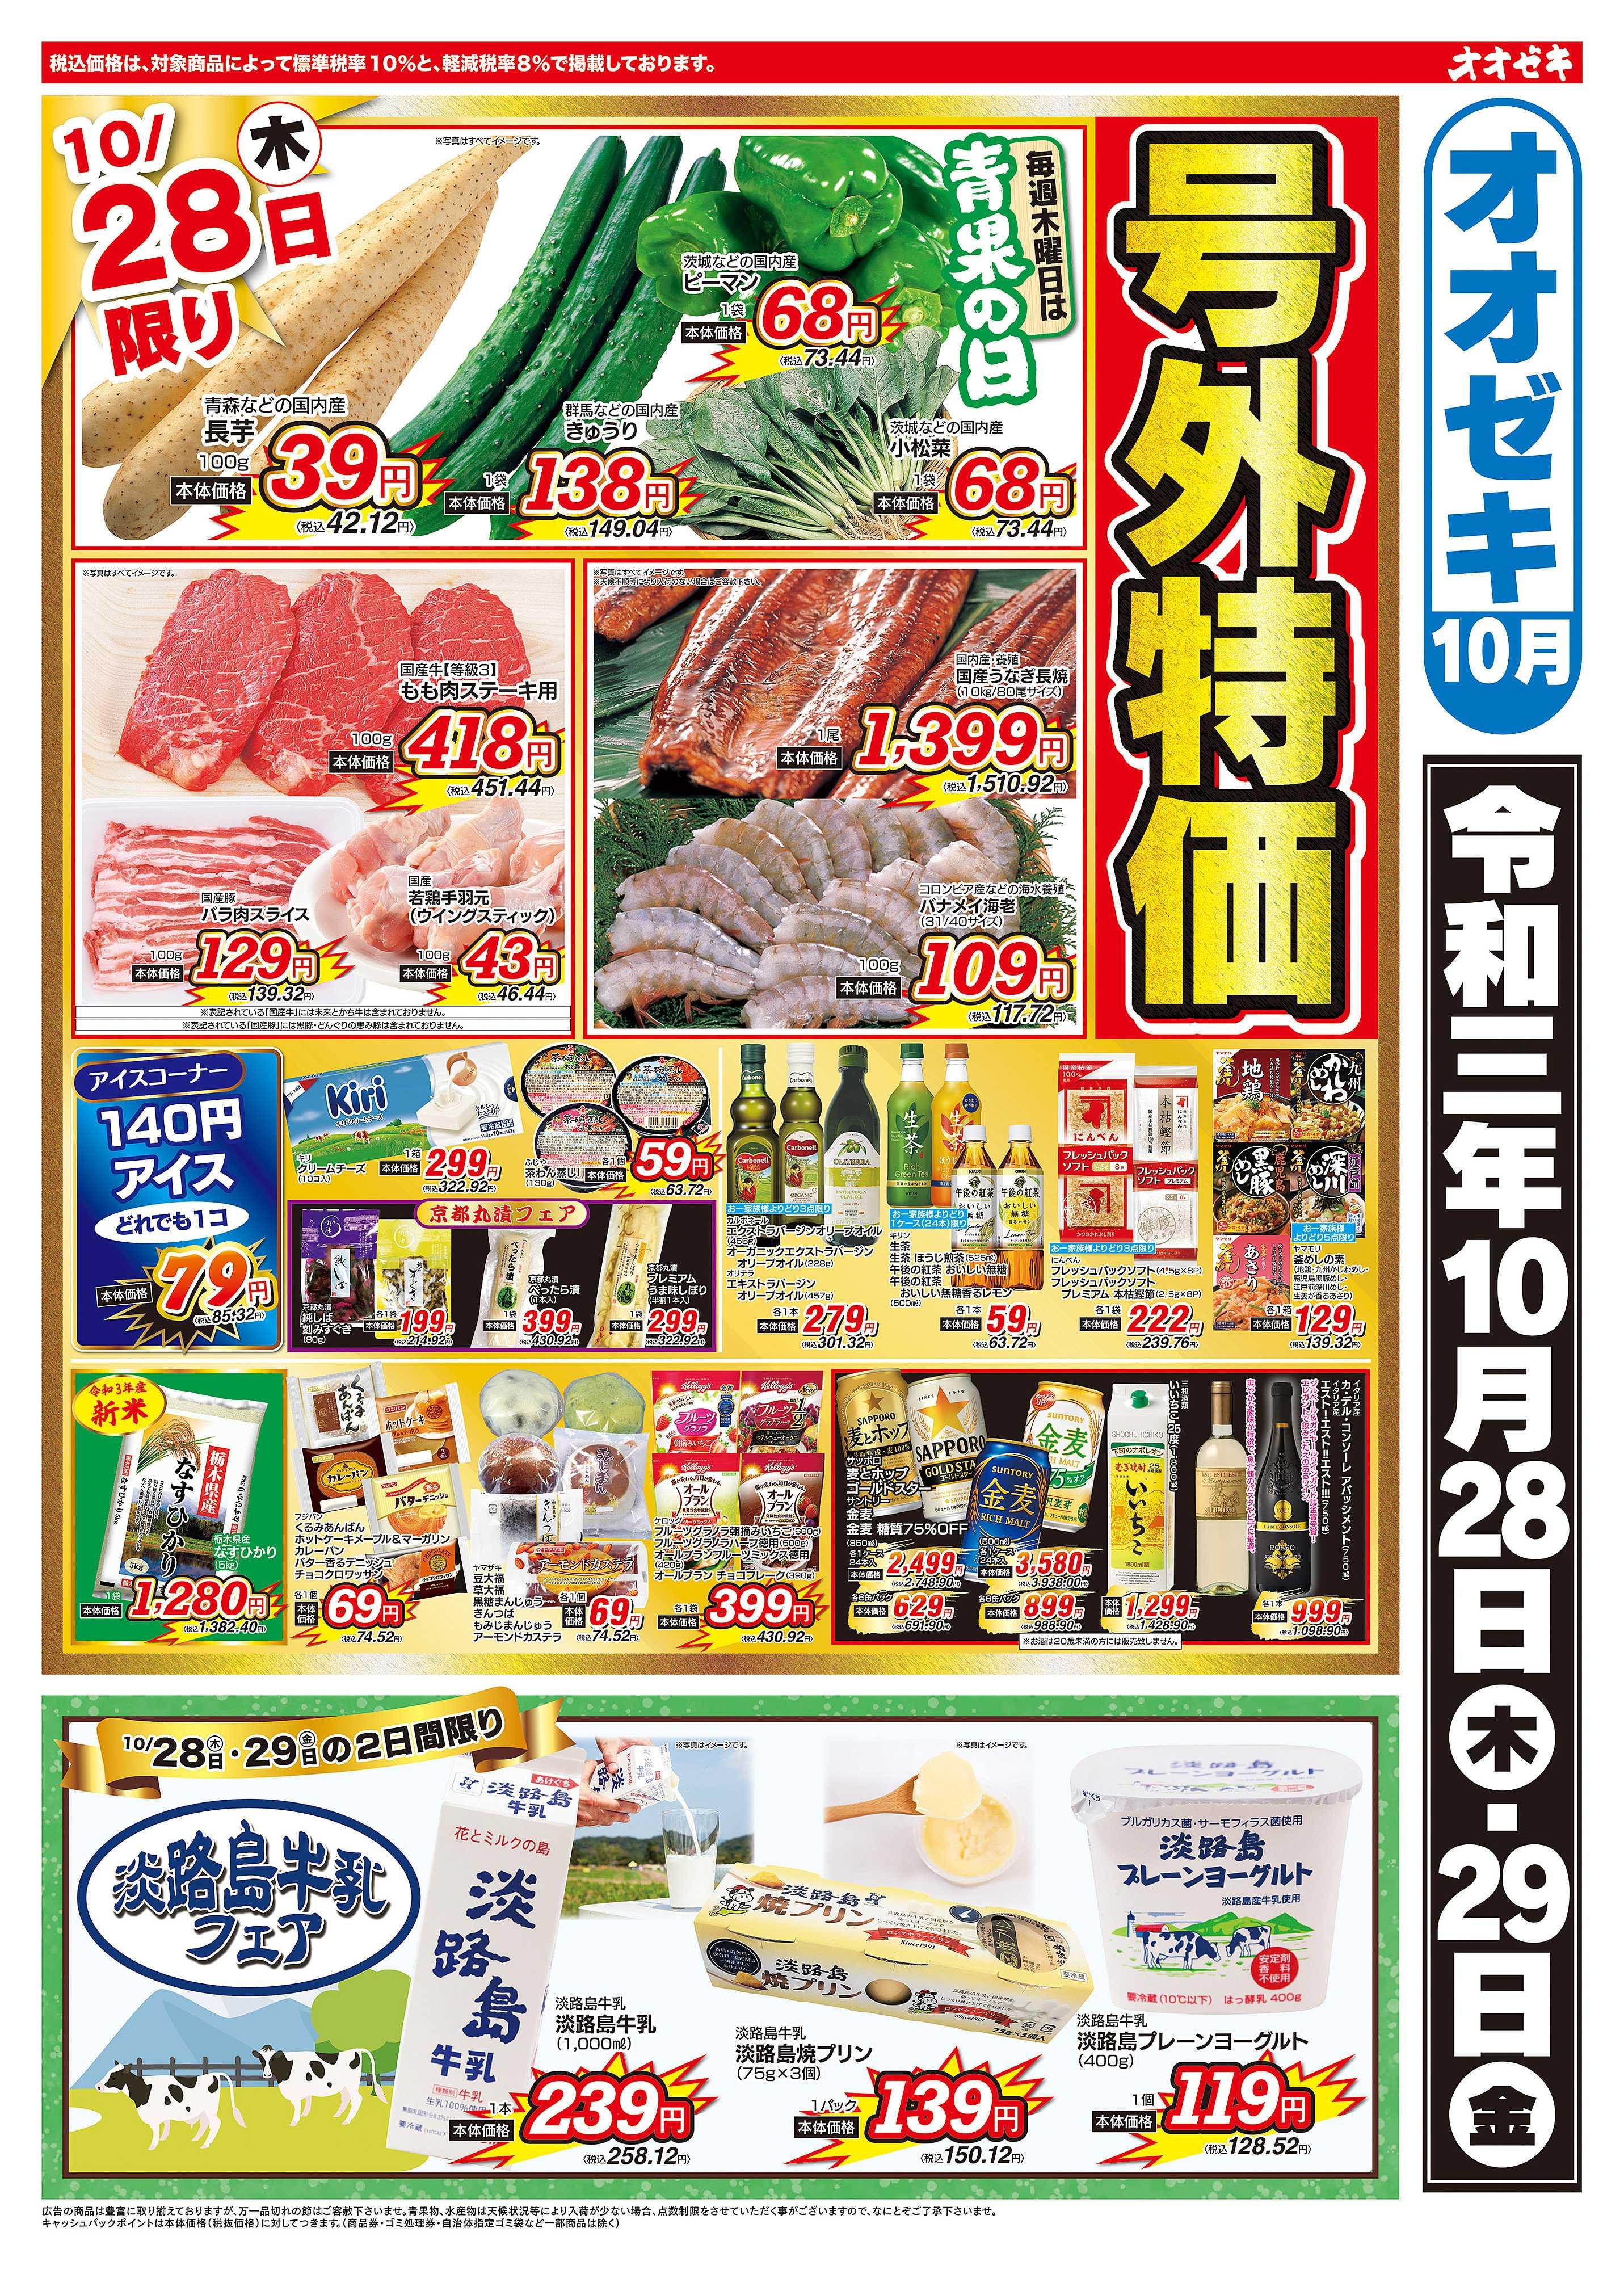 オオゼキ 10/28(木)~10/29(金)2日間限り 号外特価